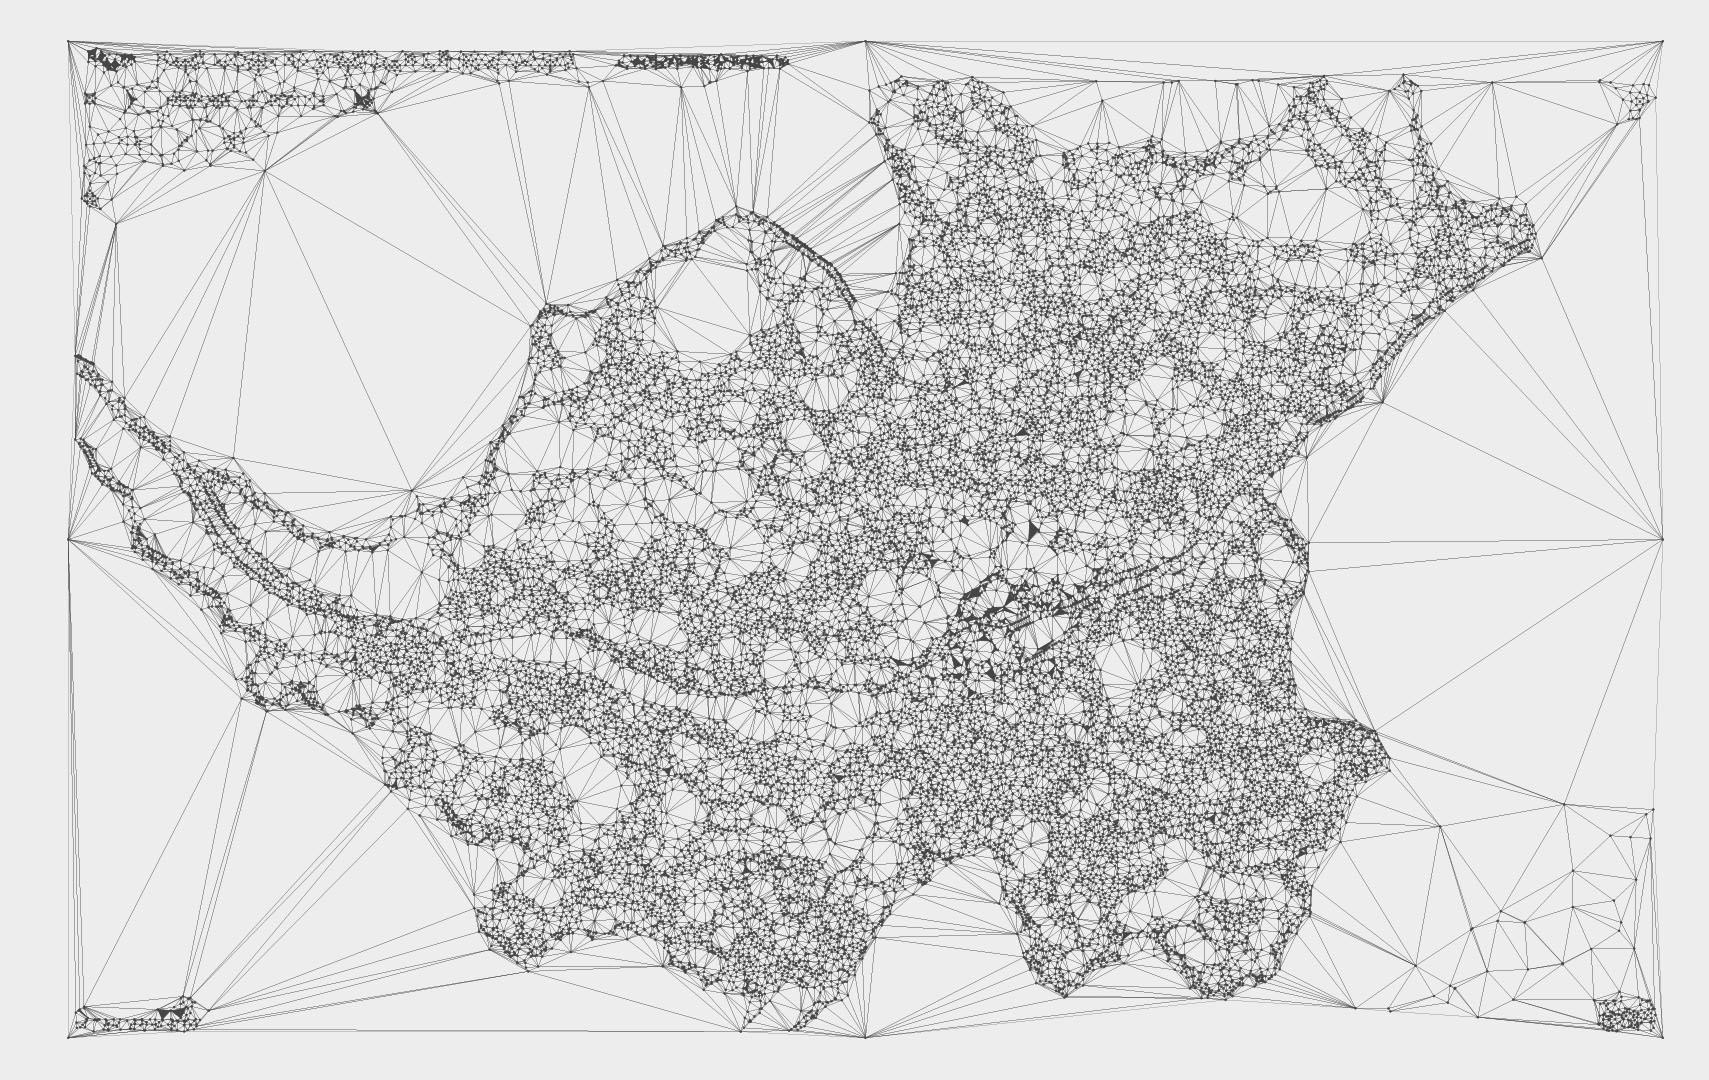 Nantes métropole illustré par maison màj cartes